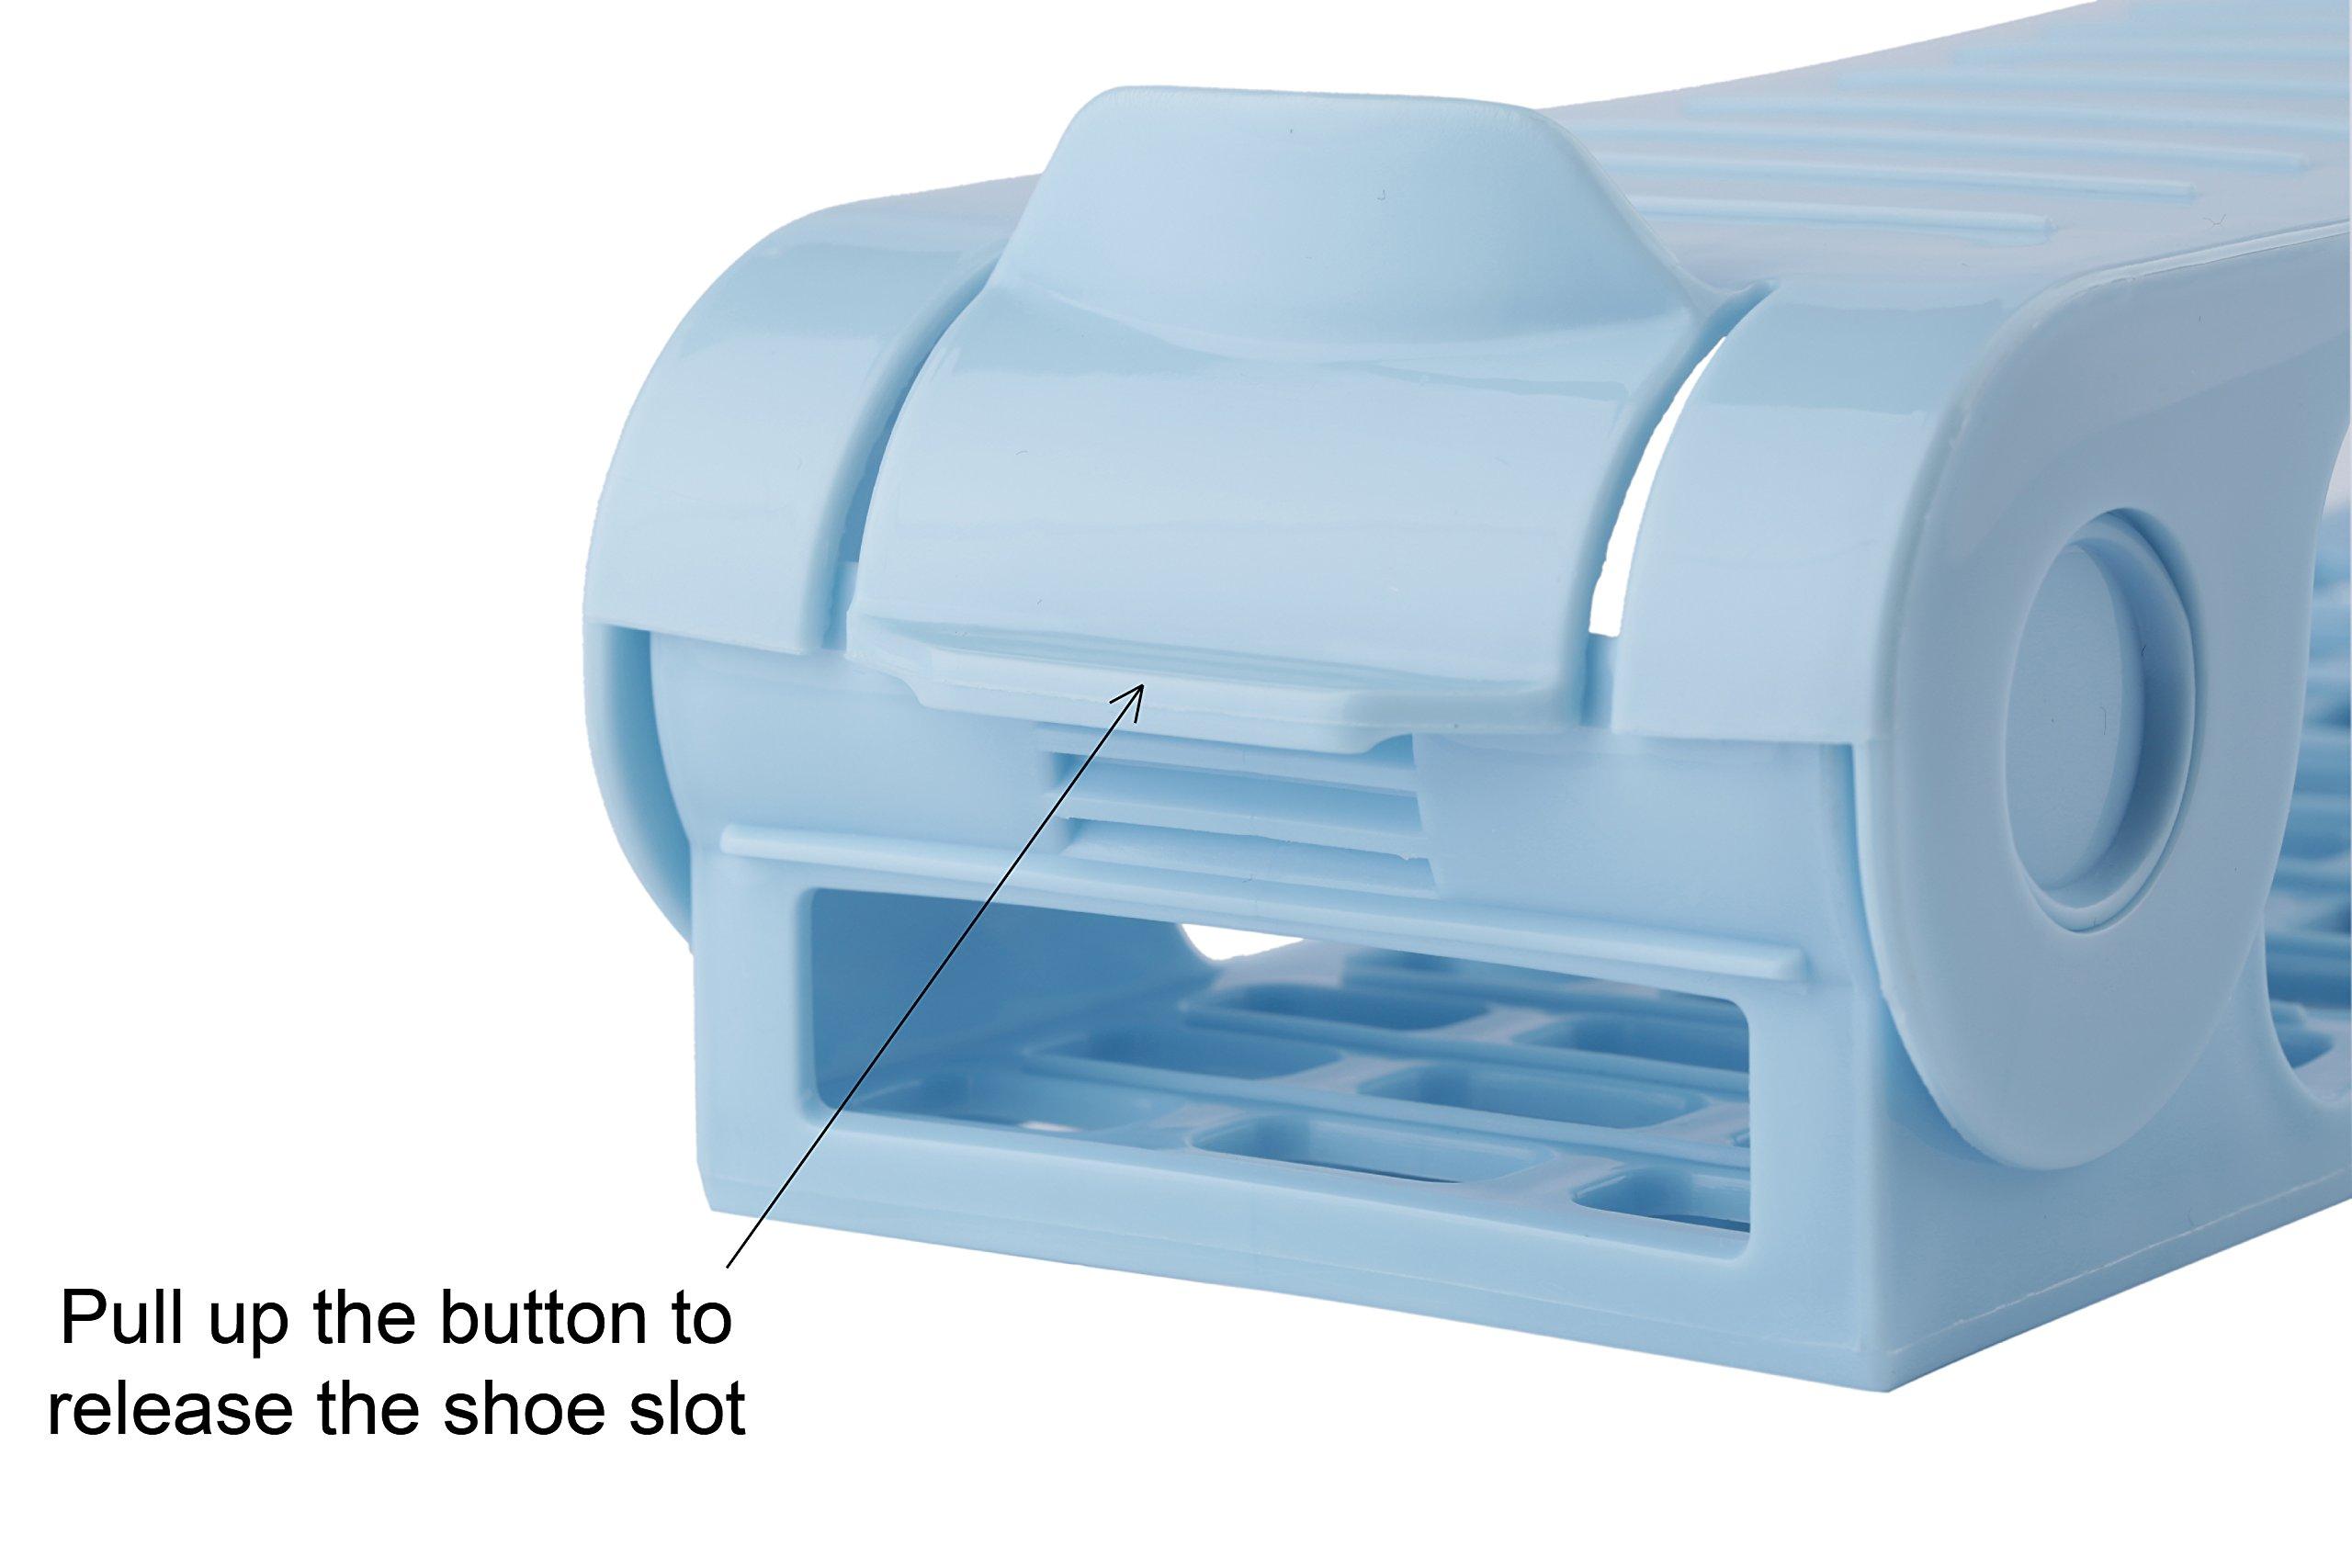 Mouselemur Shoe Slots Space Saver Shoe Stand Organizer | Adjustable Shoe Rack 6 Piece Set by Mouselemur (Image #4)